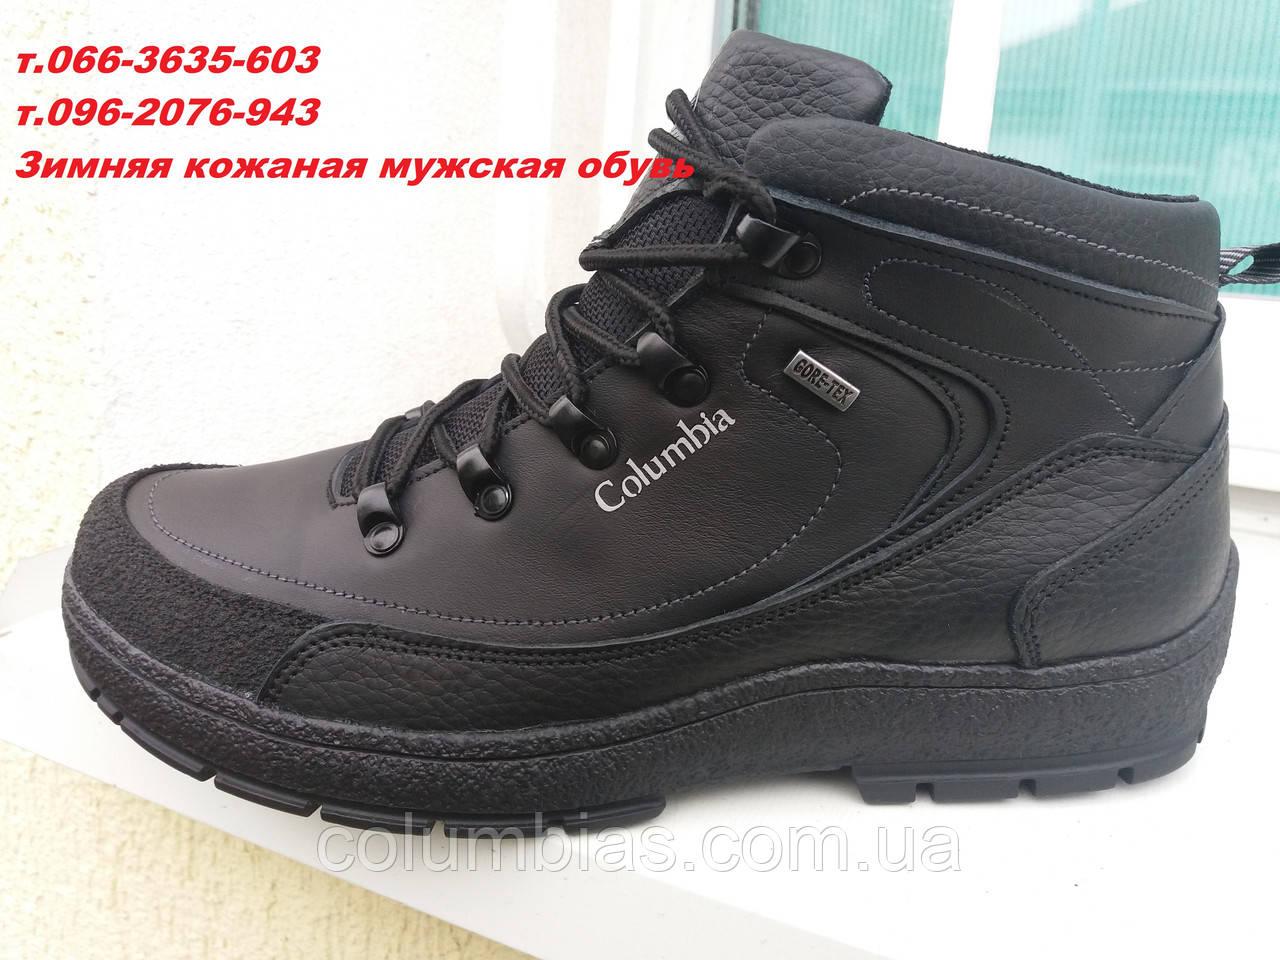 Кожаные усиленные зимние ботинки Columbiia